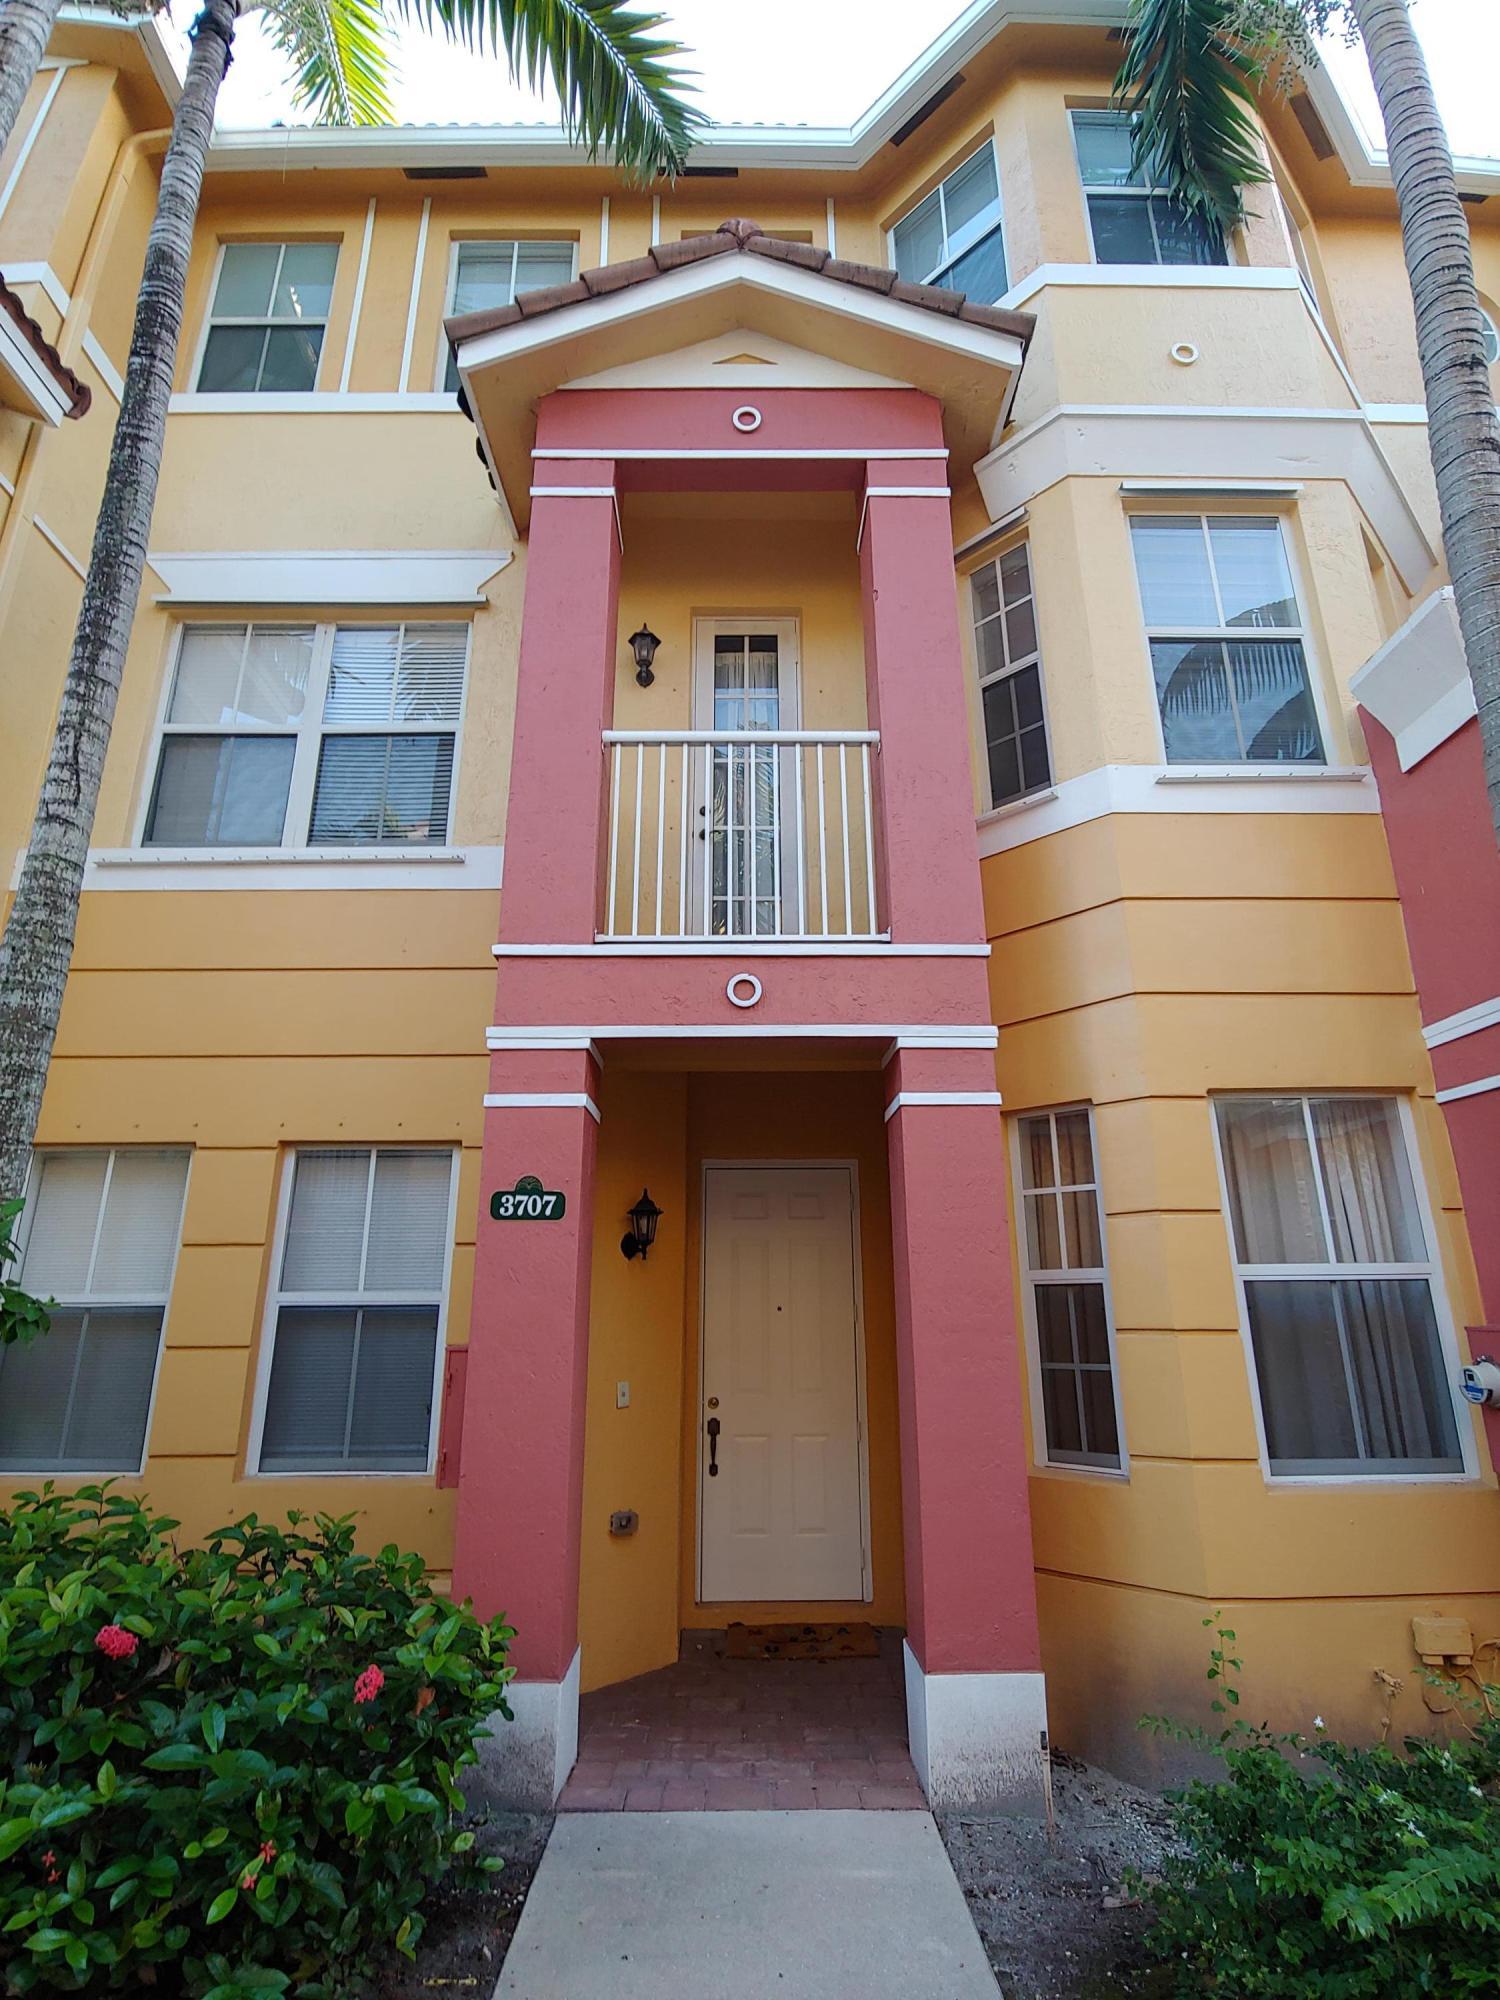 3707 Shoma Drive Royal Palm Beach, FL 33414